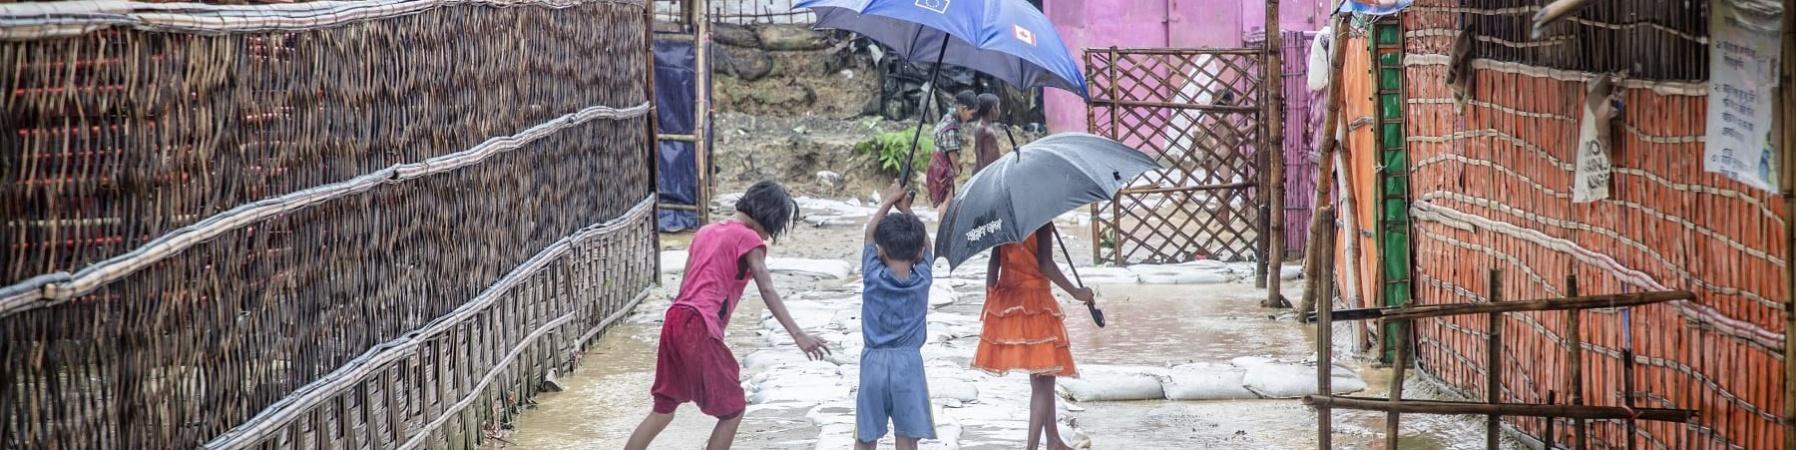 Tre bambini di spalle reggono ombrello e giocano in uno slum allagata del Bangladesh